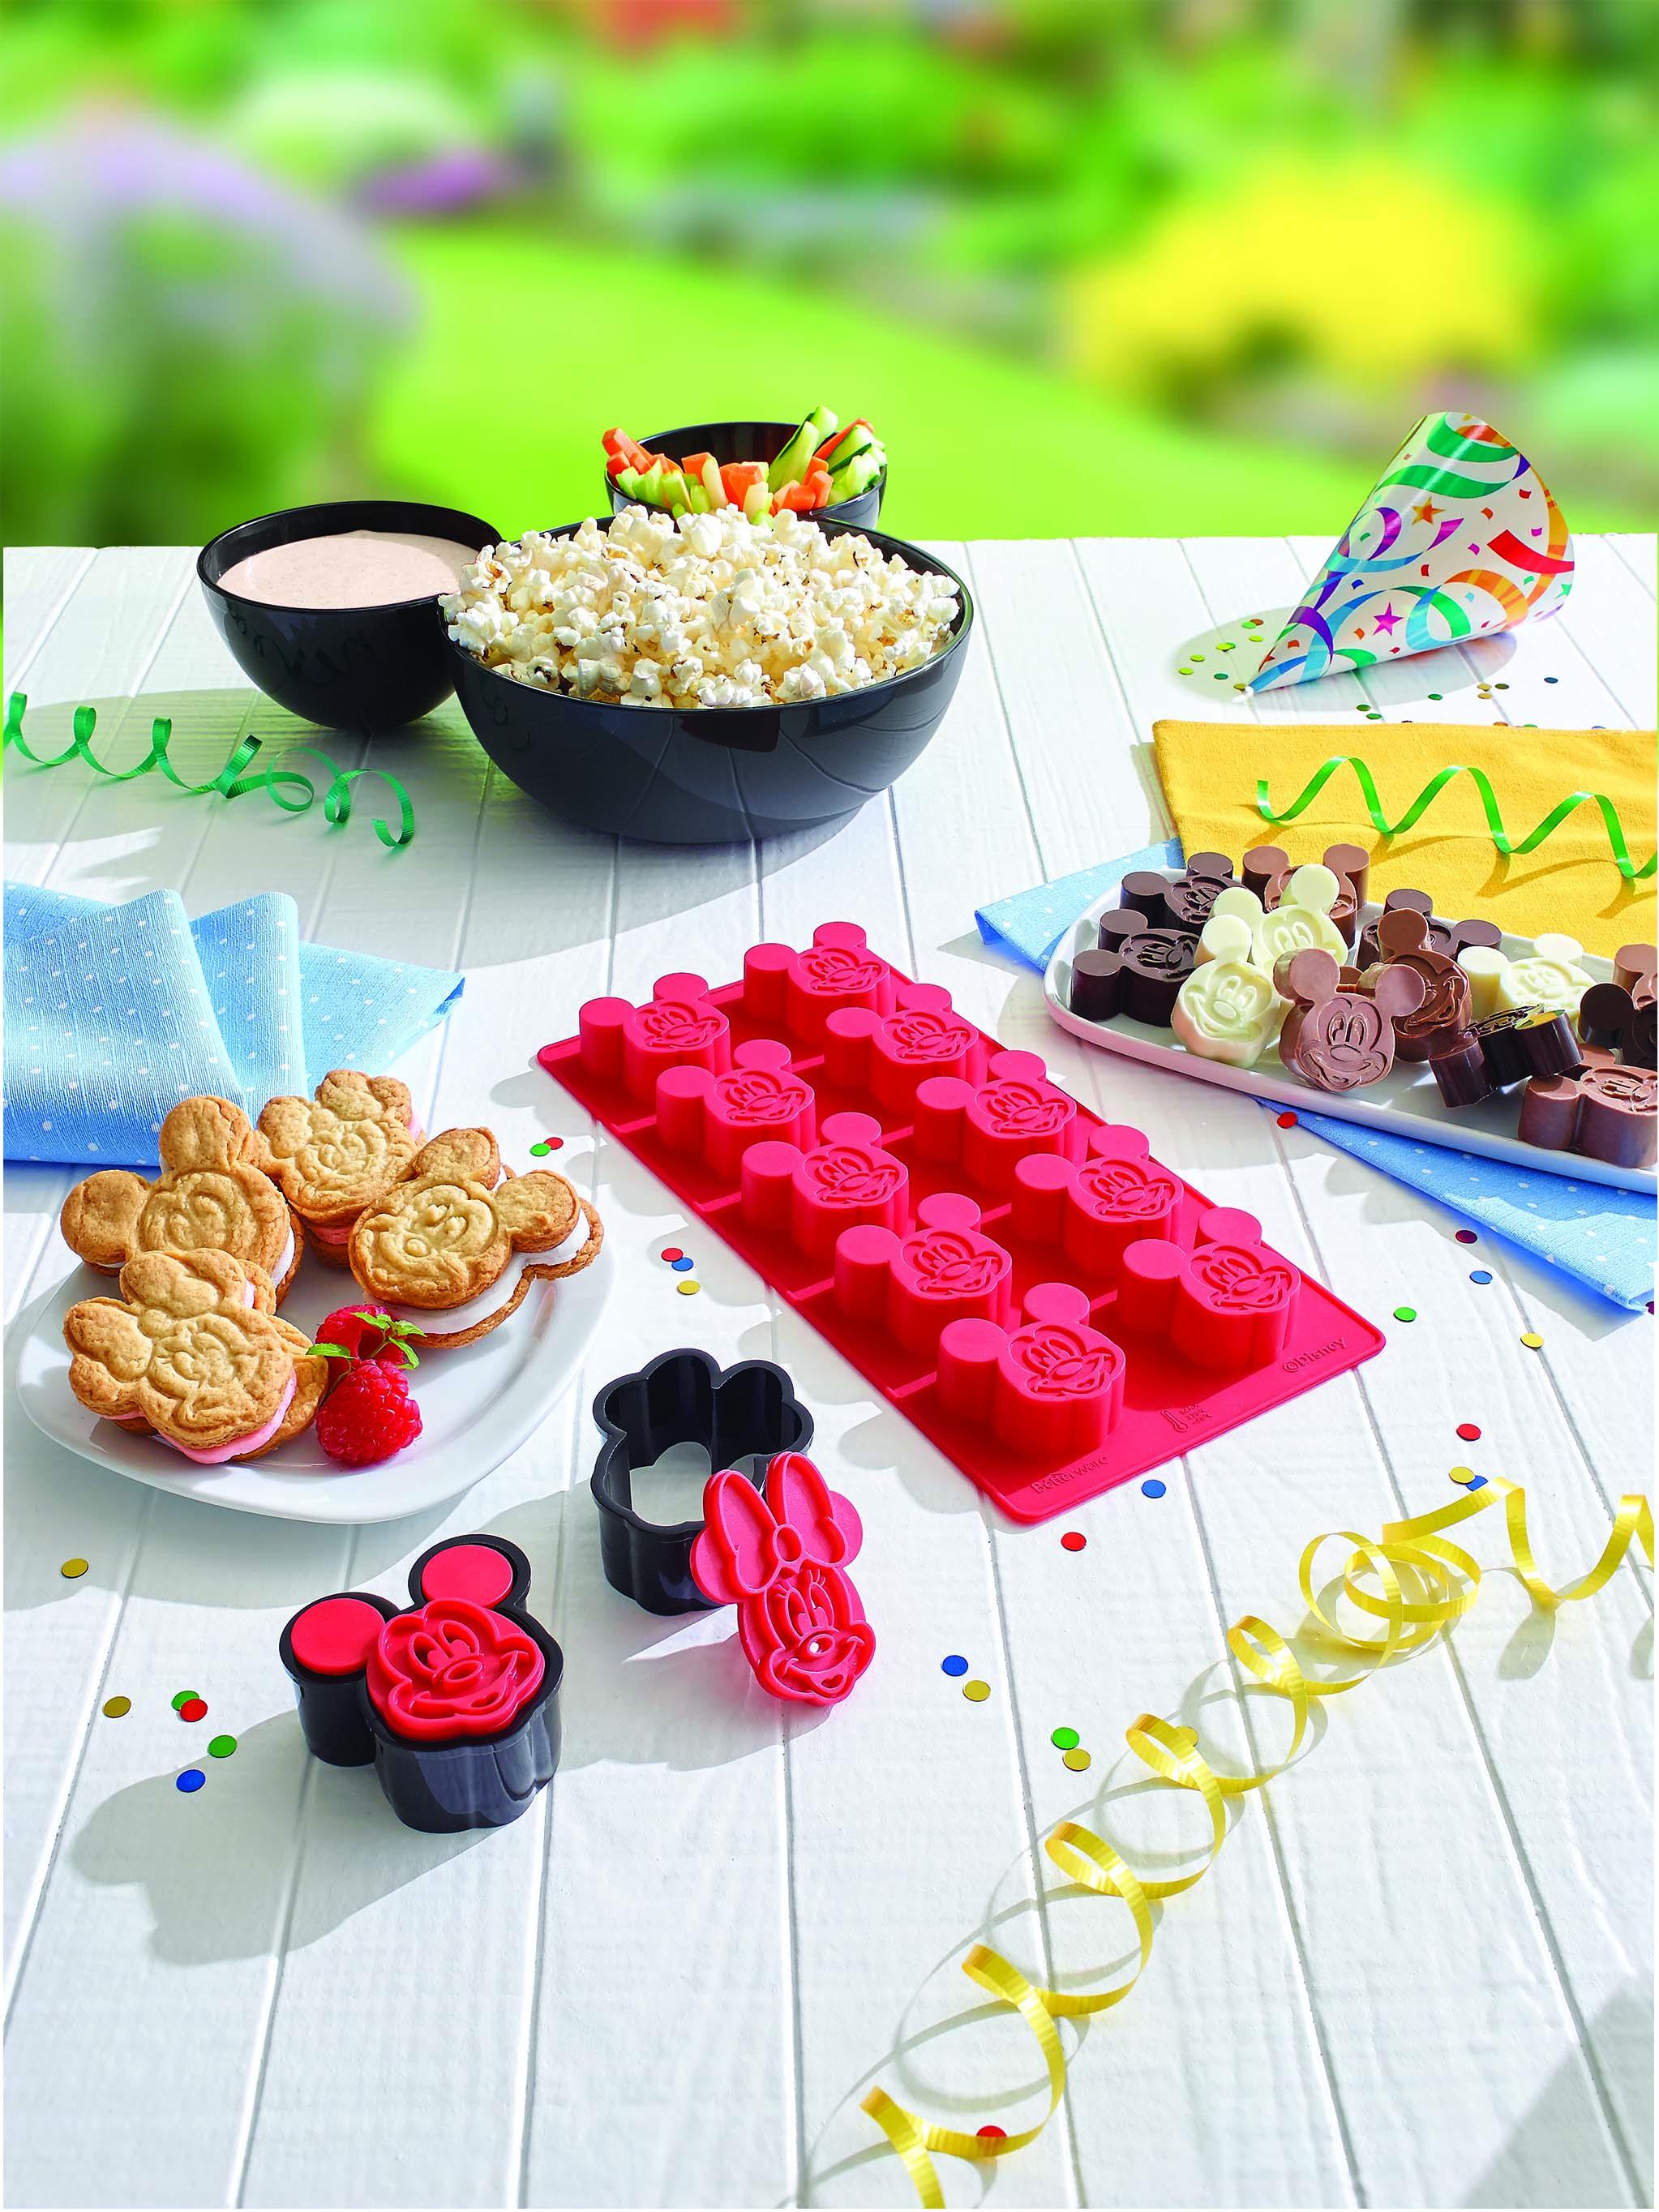 Betterware presenta su nueva colección de productos como parte de la celebración del 90 Aniversario de Mickey Mouse